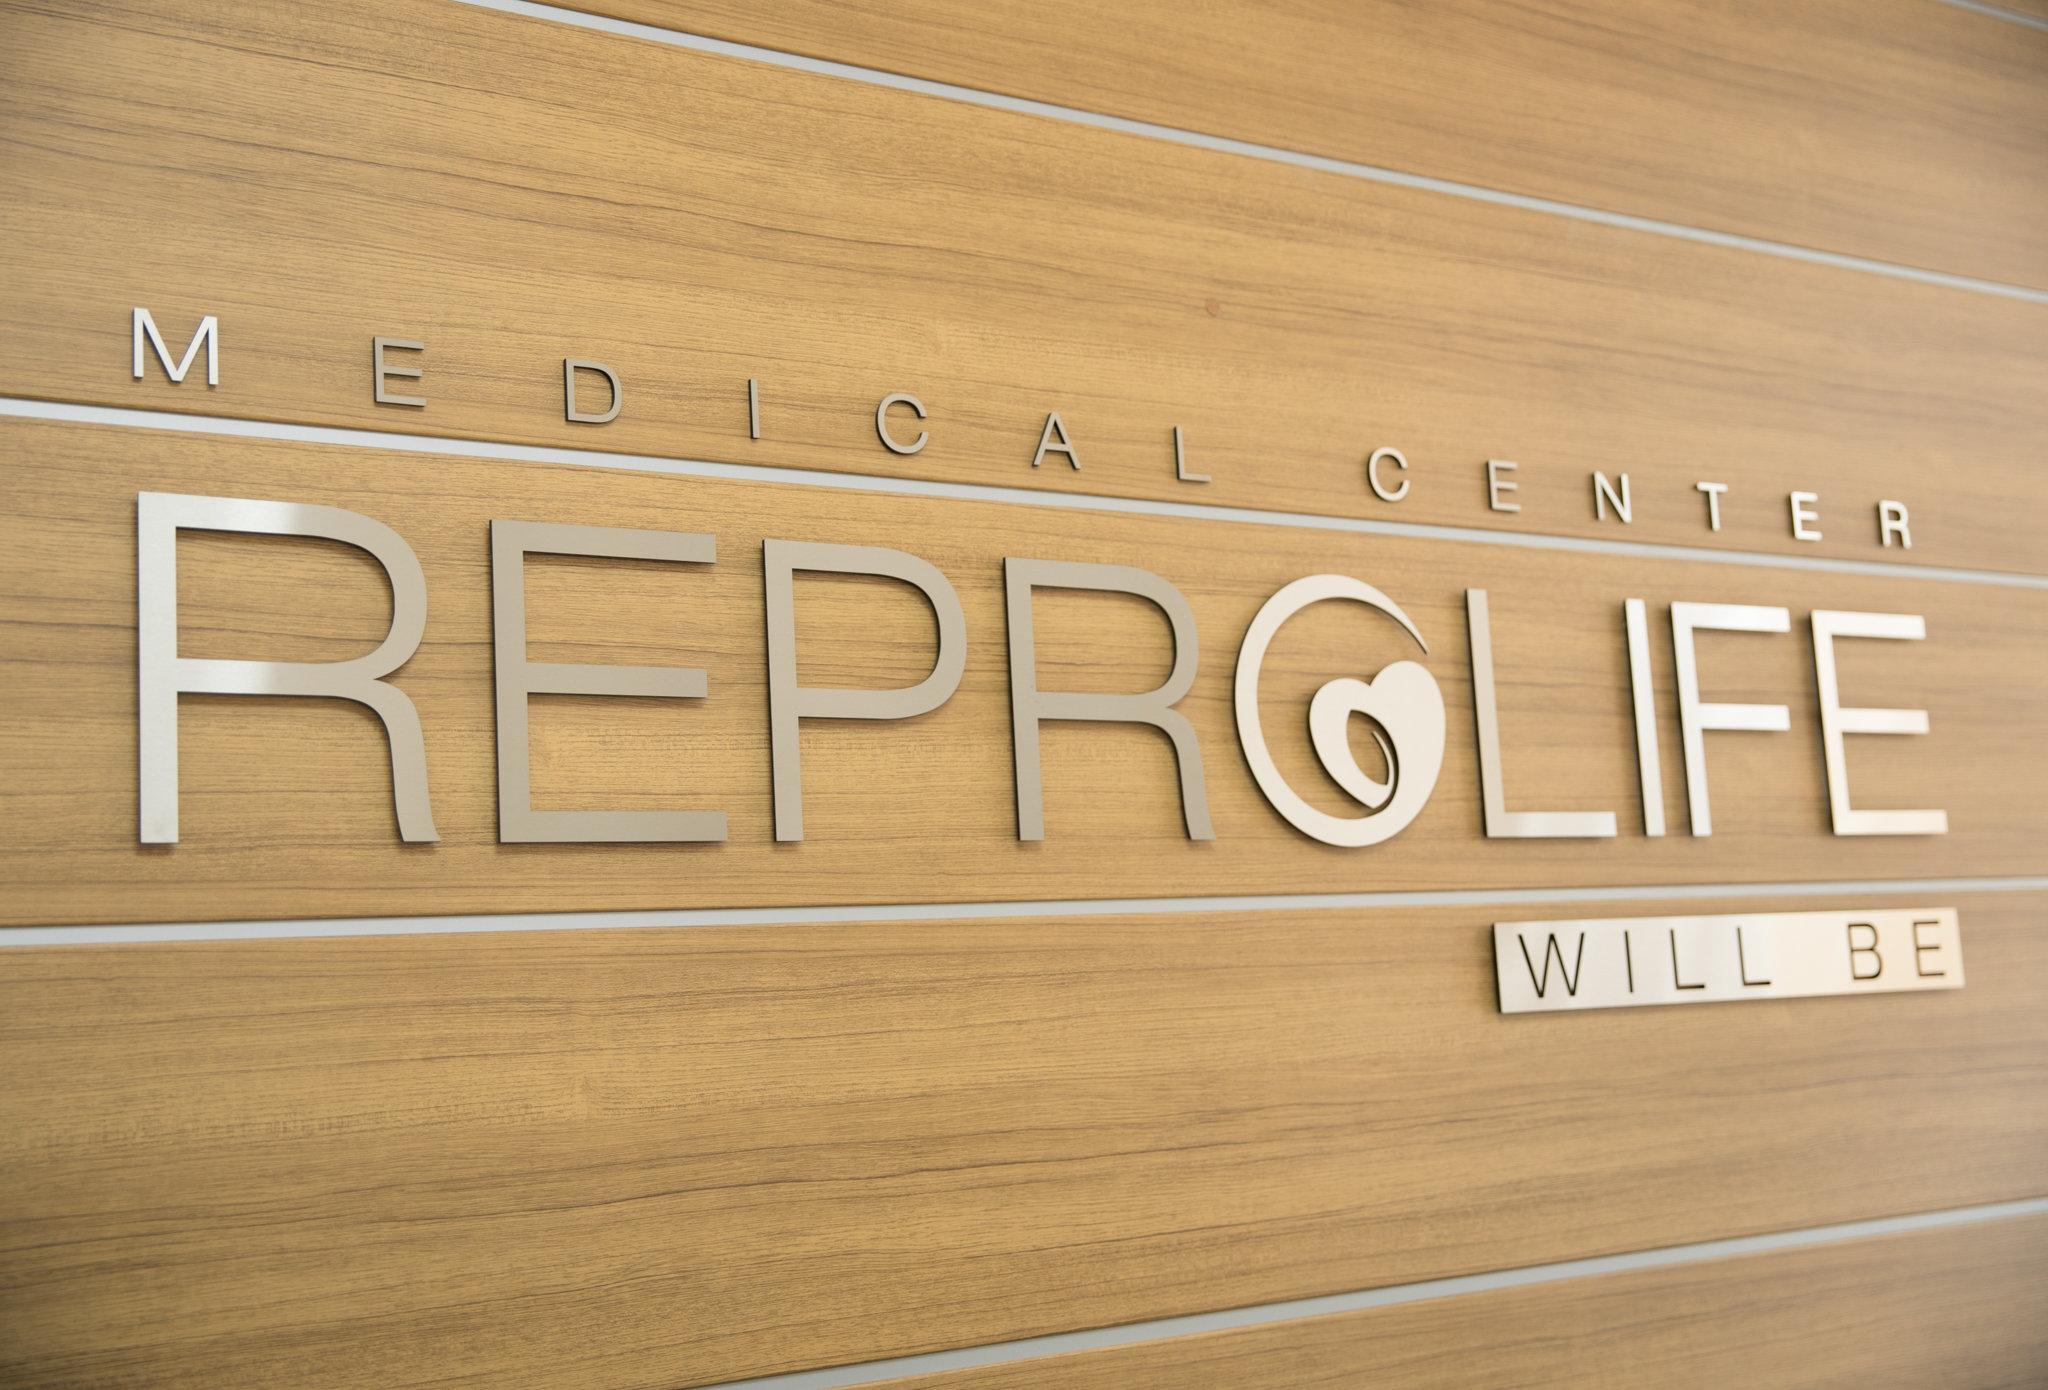 фотография Медицинского центра лечения бесплодия Reprolife на метро Левобережная, Осокорки